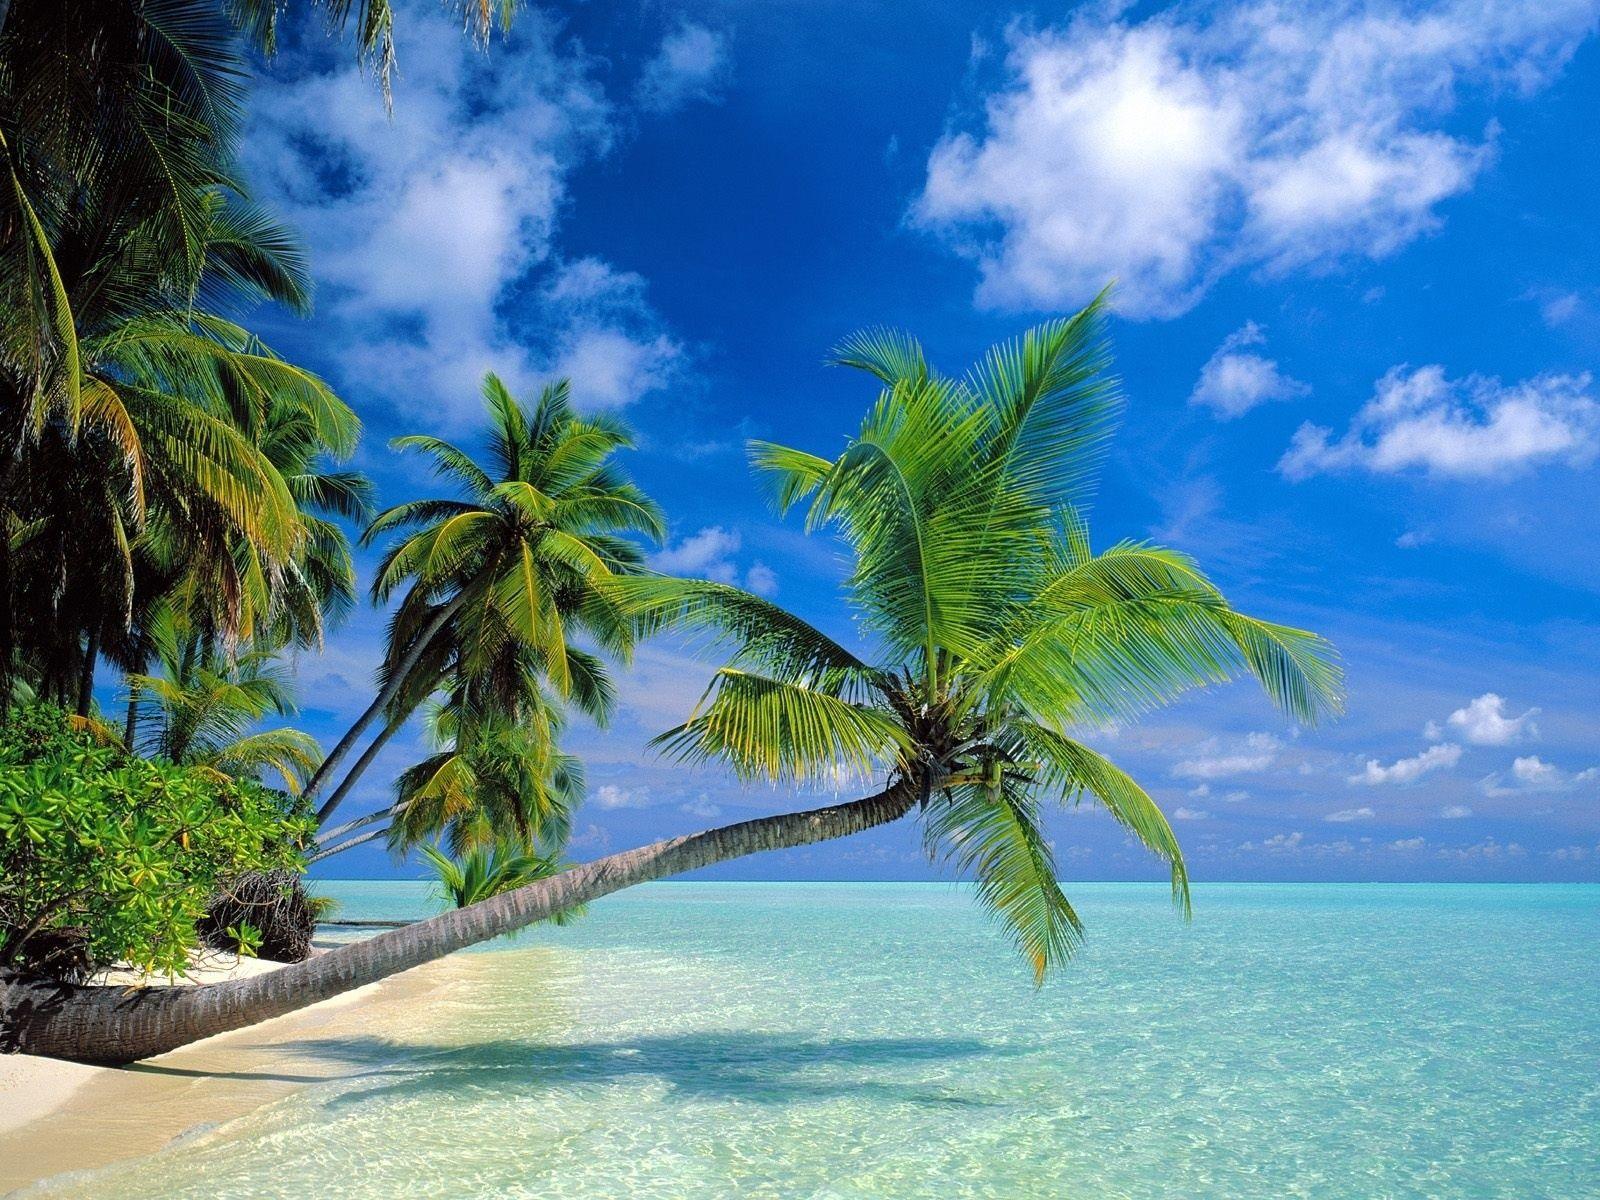 Epingle Par Christelle Lionel Pierre Sur Playas Beachs Fond Ecran Plage Paysage Paradisiaque Plages Exotiques